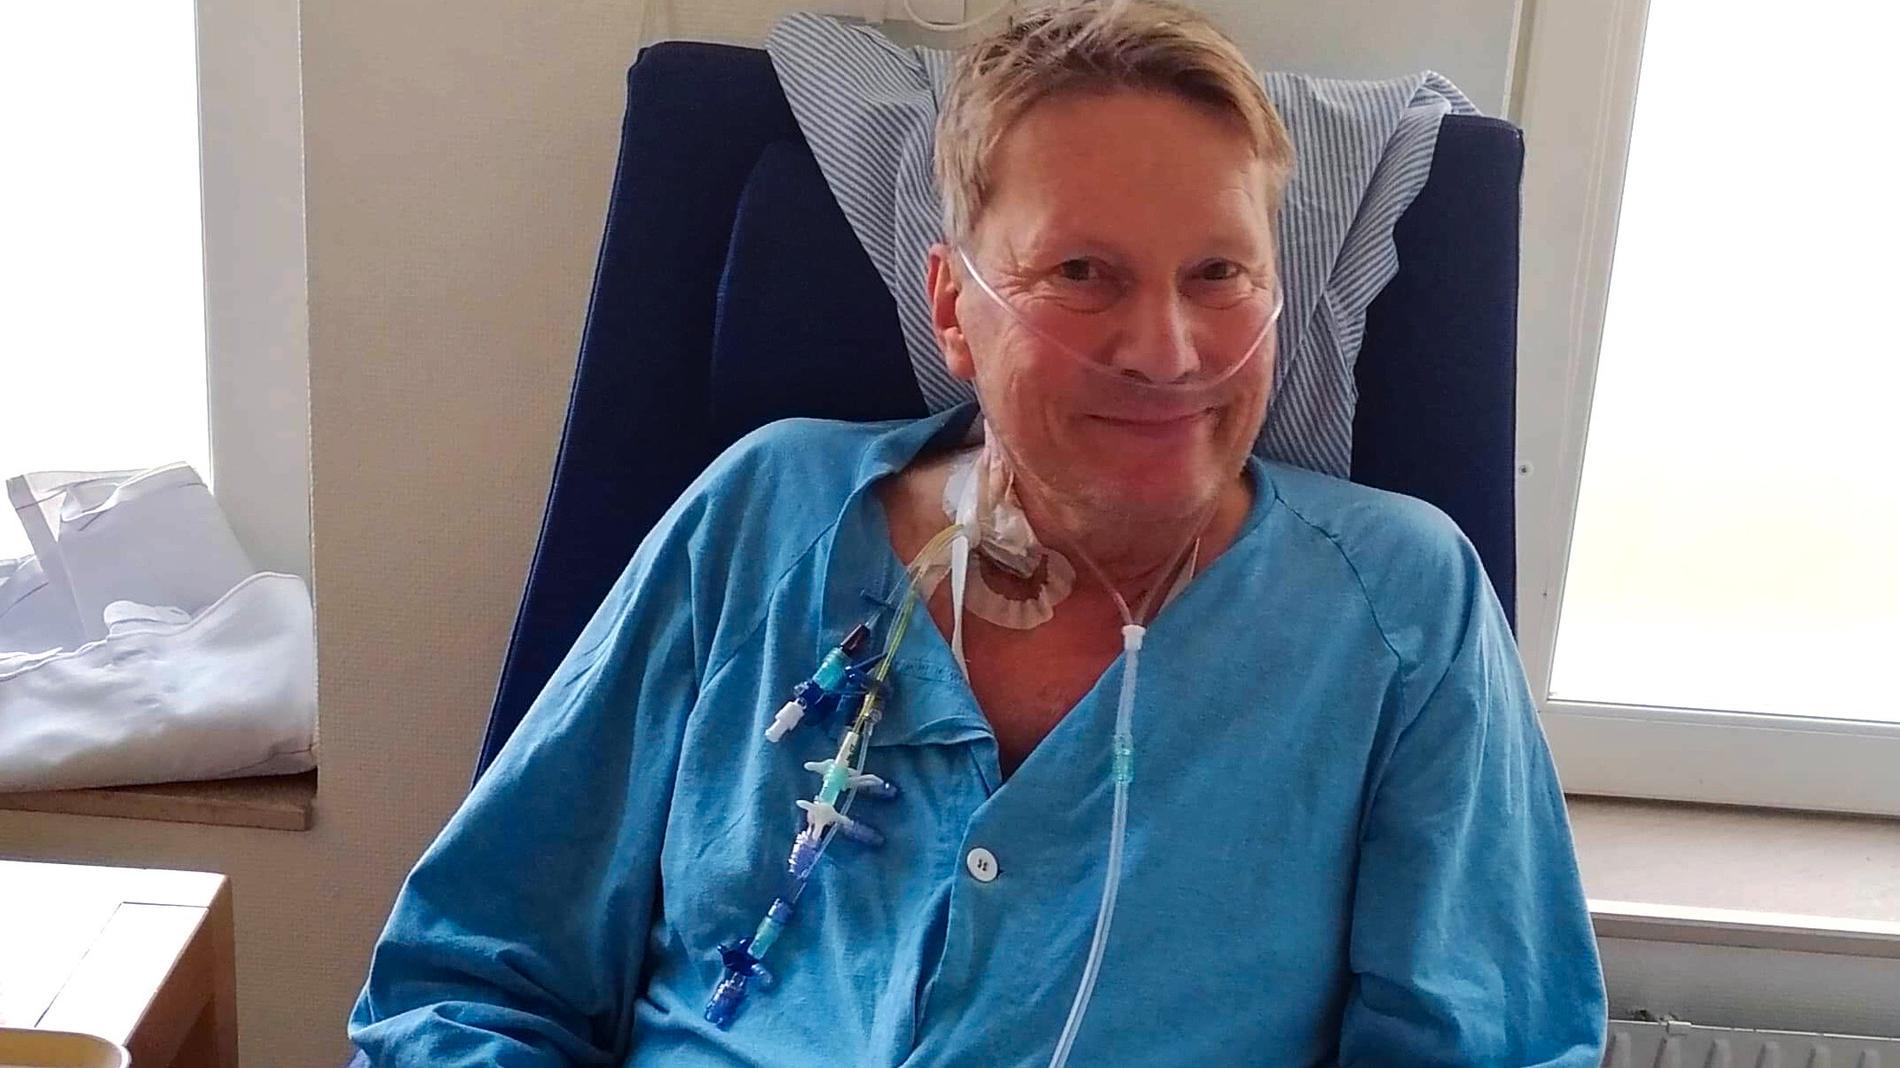 Magnus sövdes ner på sjukhuset och minns inget från de första dagarna på sjukhuset. Sedan började hjärnan återhämta sig. I dag arbetar han halvtid och är tacksam över att vara vid liv.